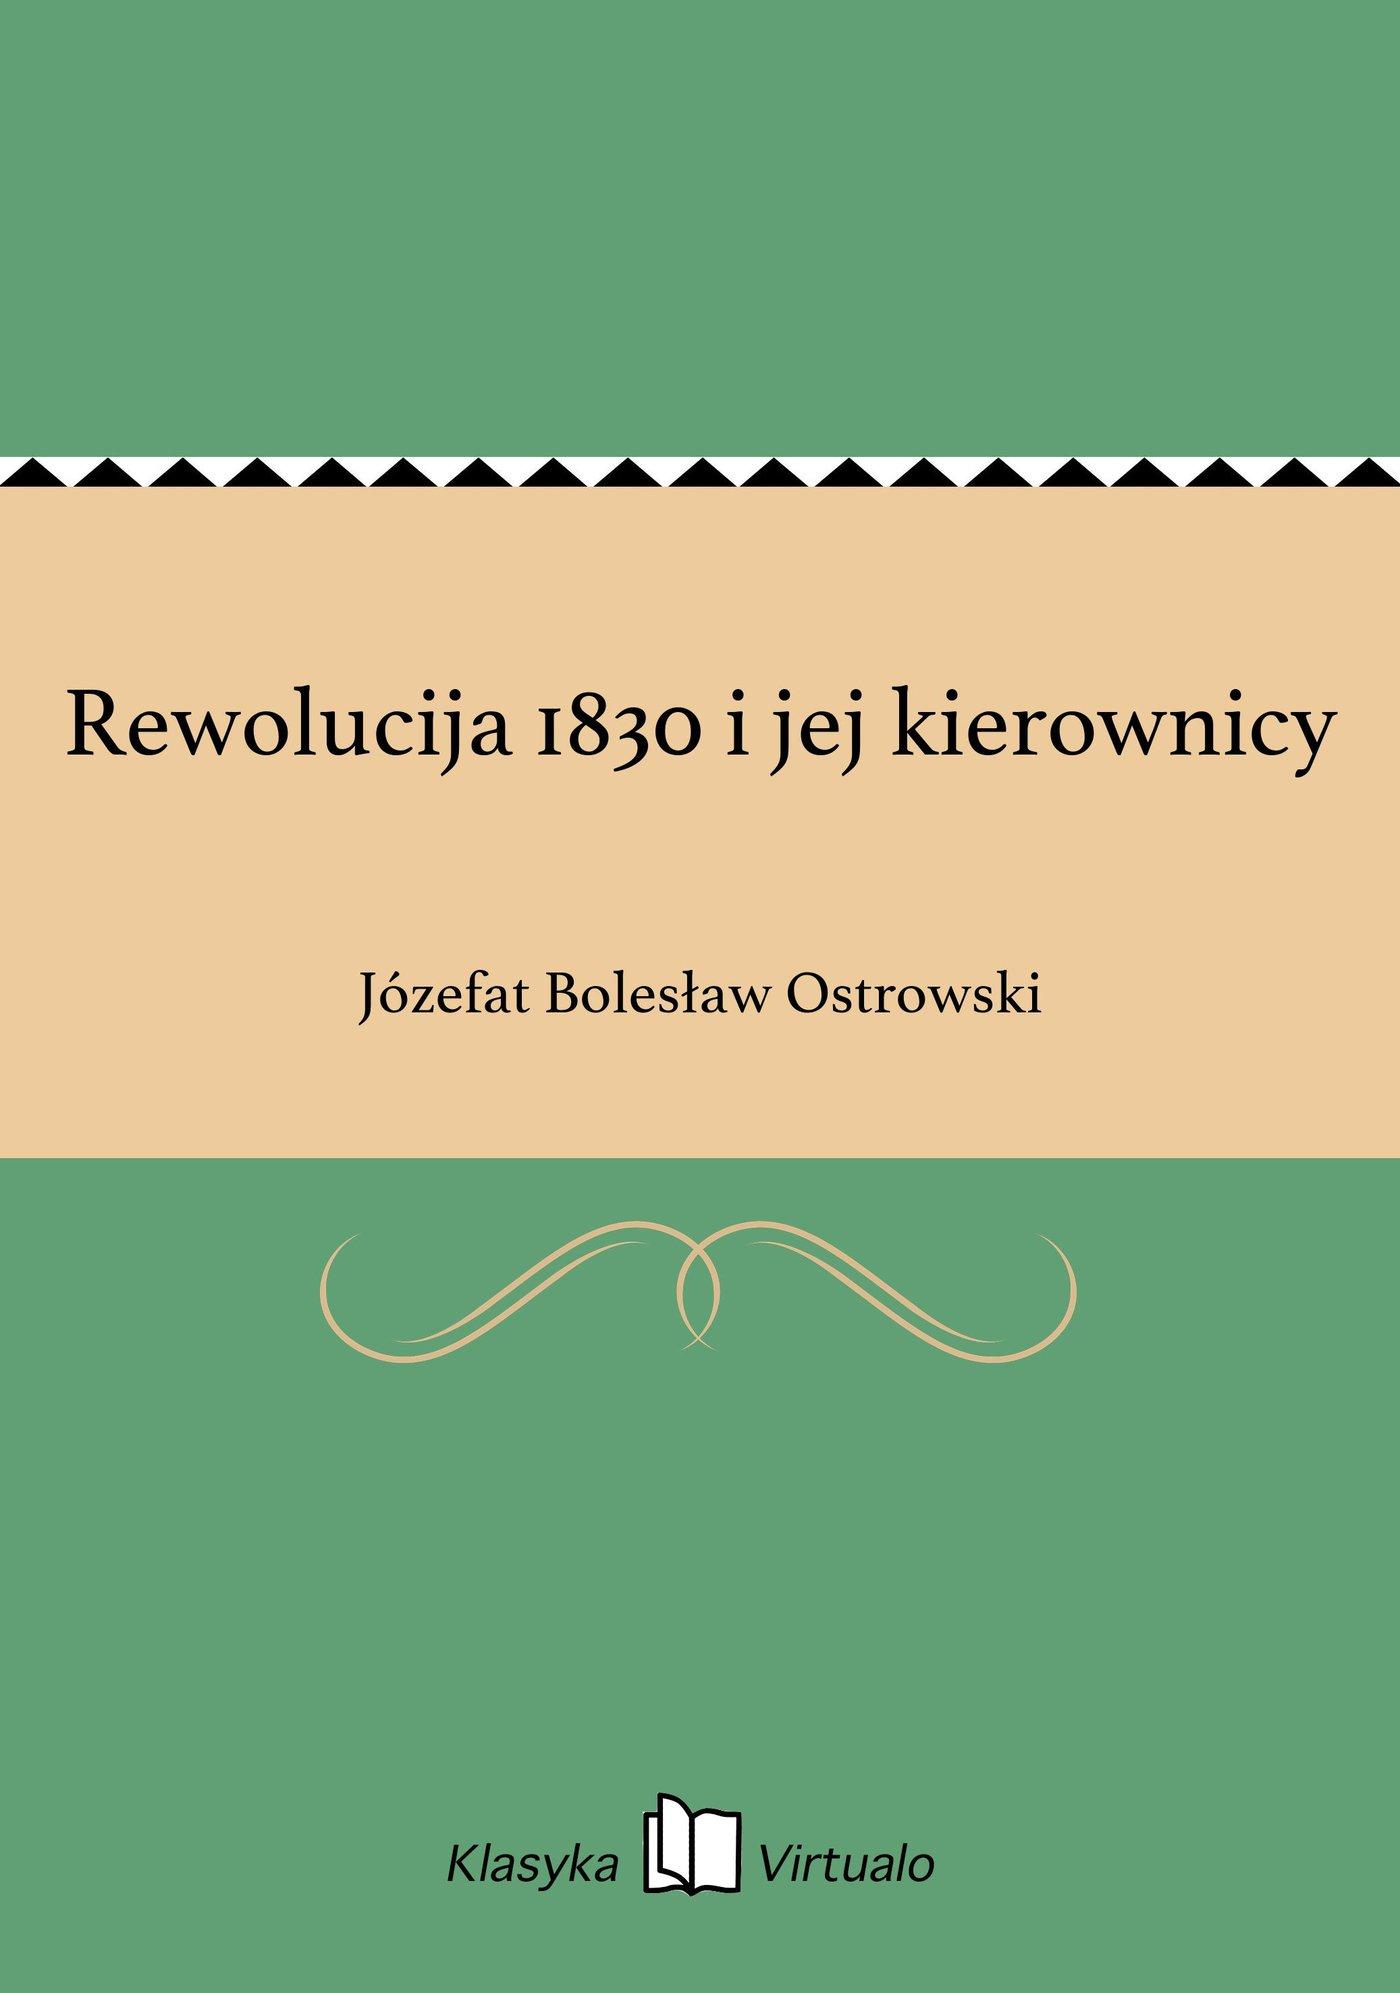 Rewolucija 1830 i jej kierownicy - Ebook (Książka EPUB) do pobrania w formacie EPUB